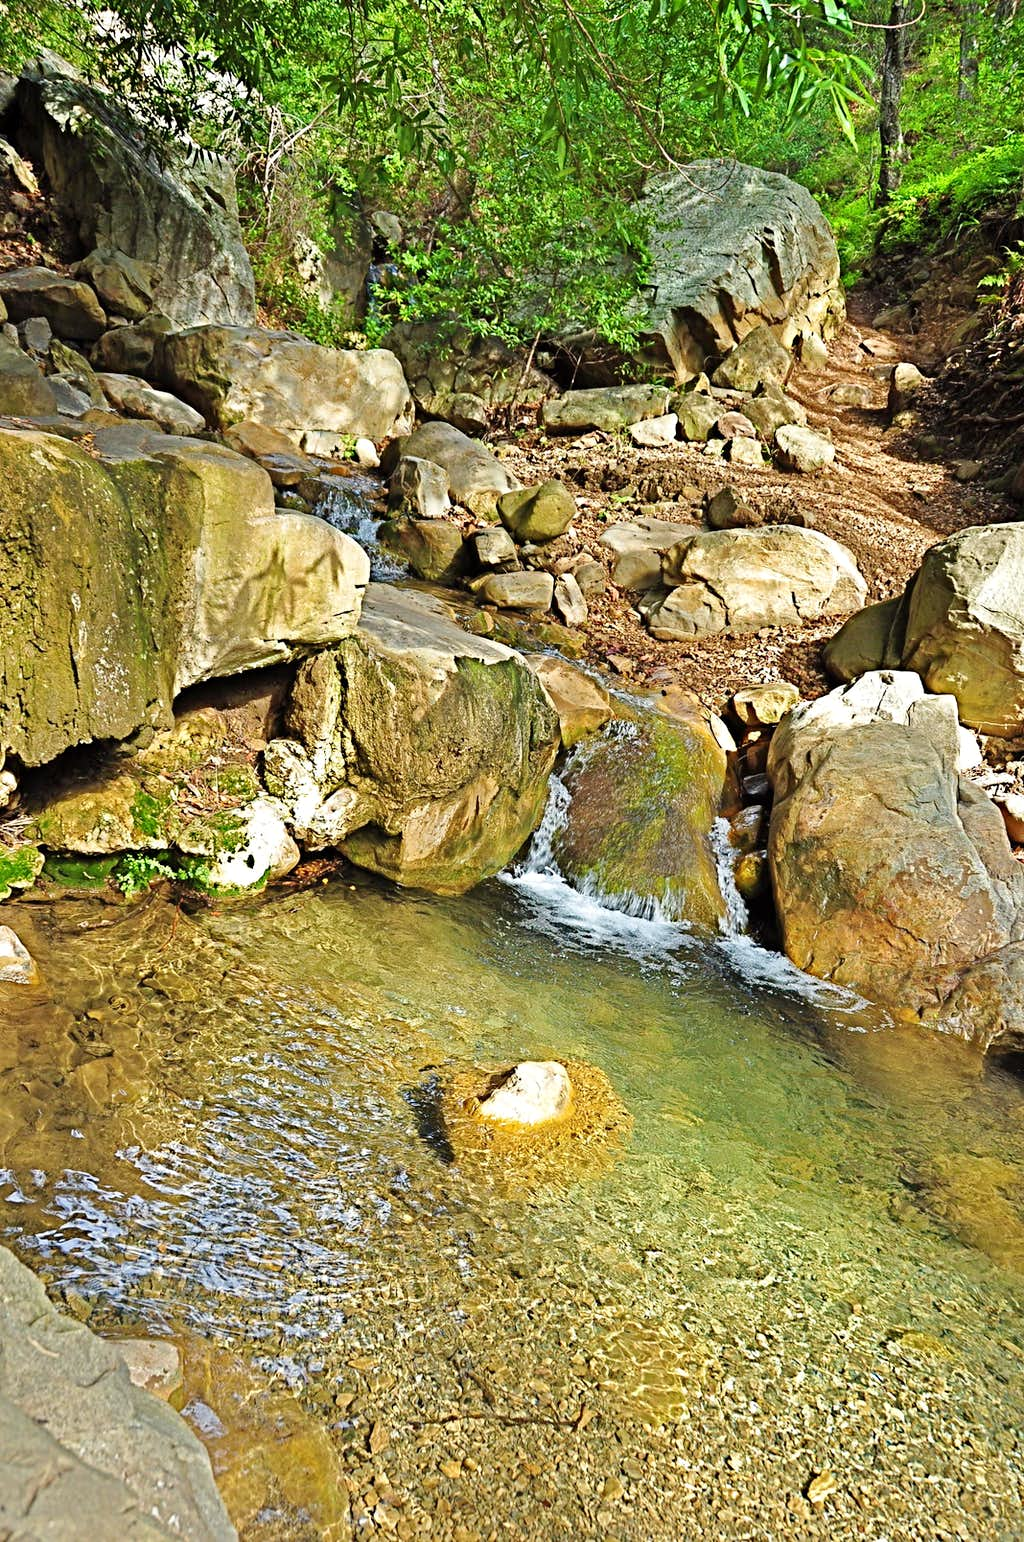 One of the creek crossings